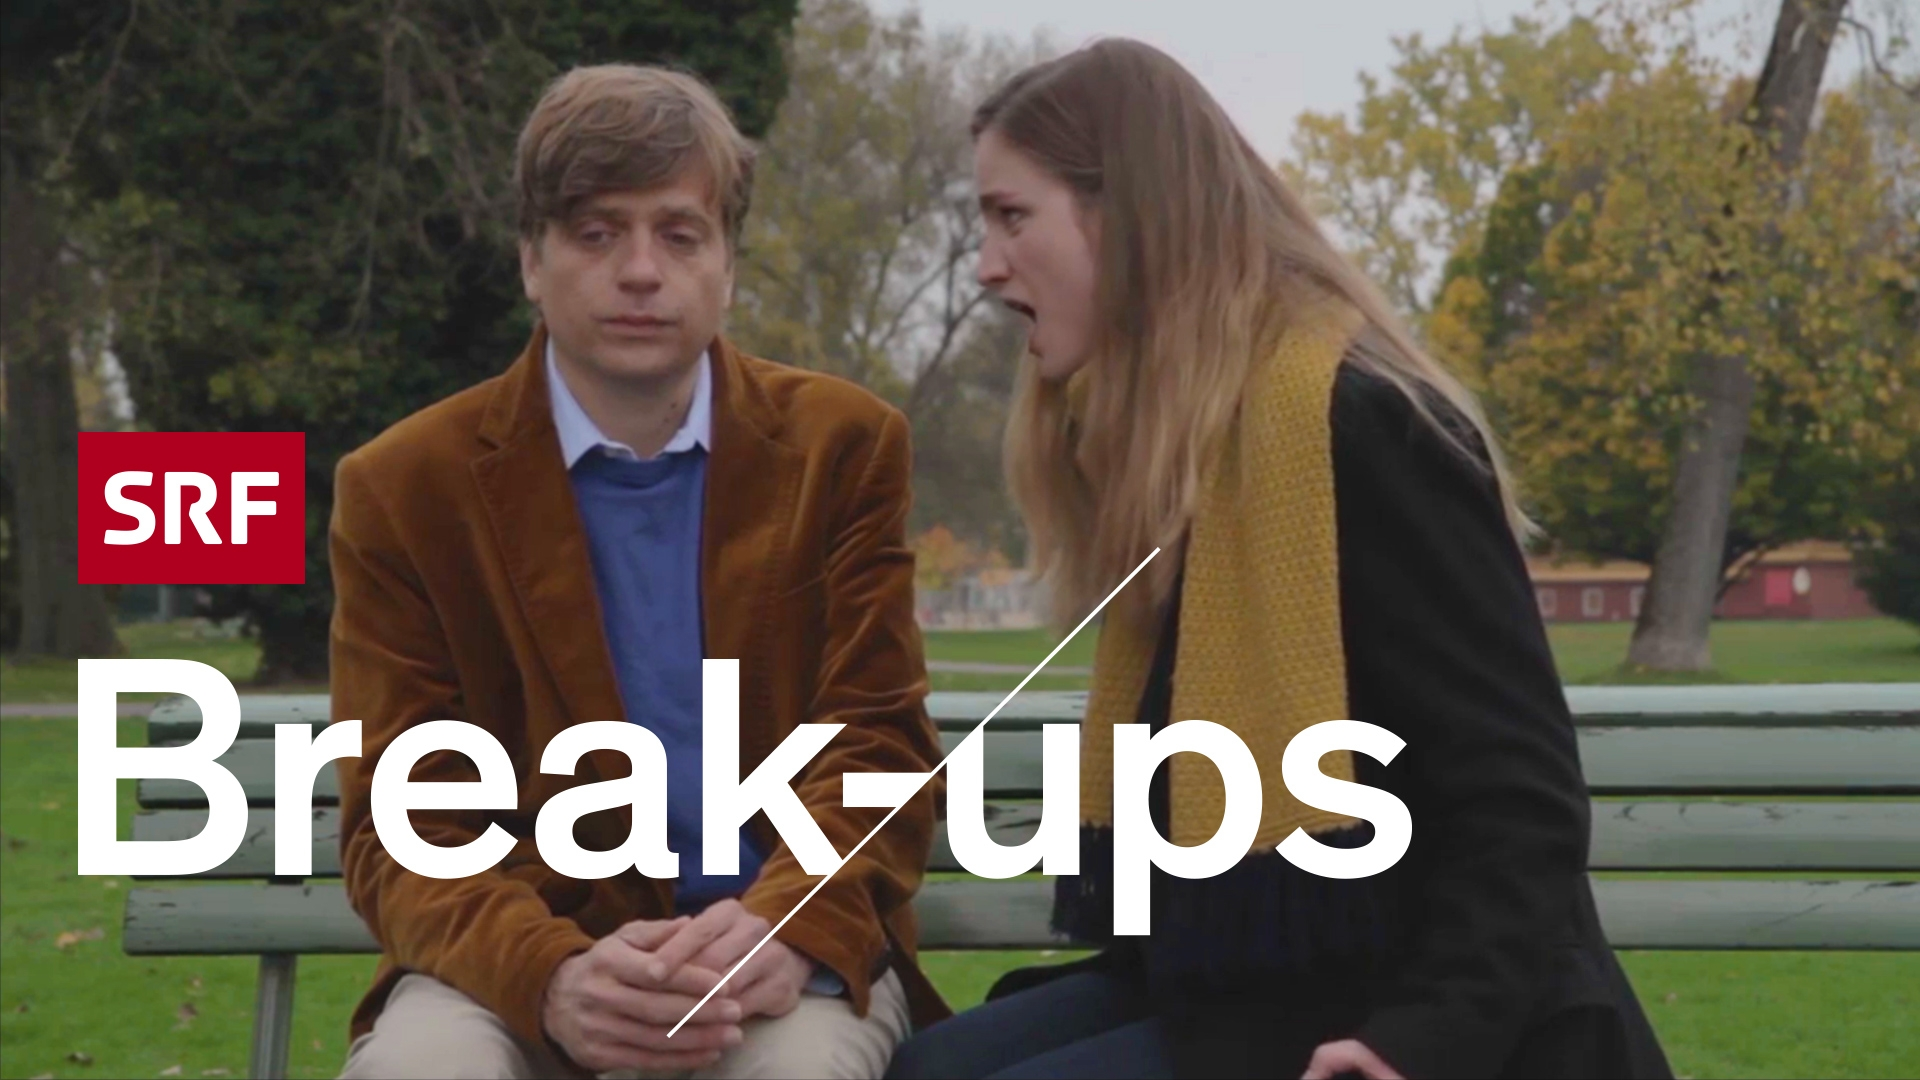 Break ups